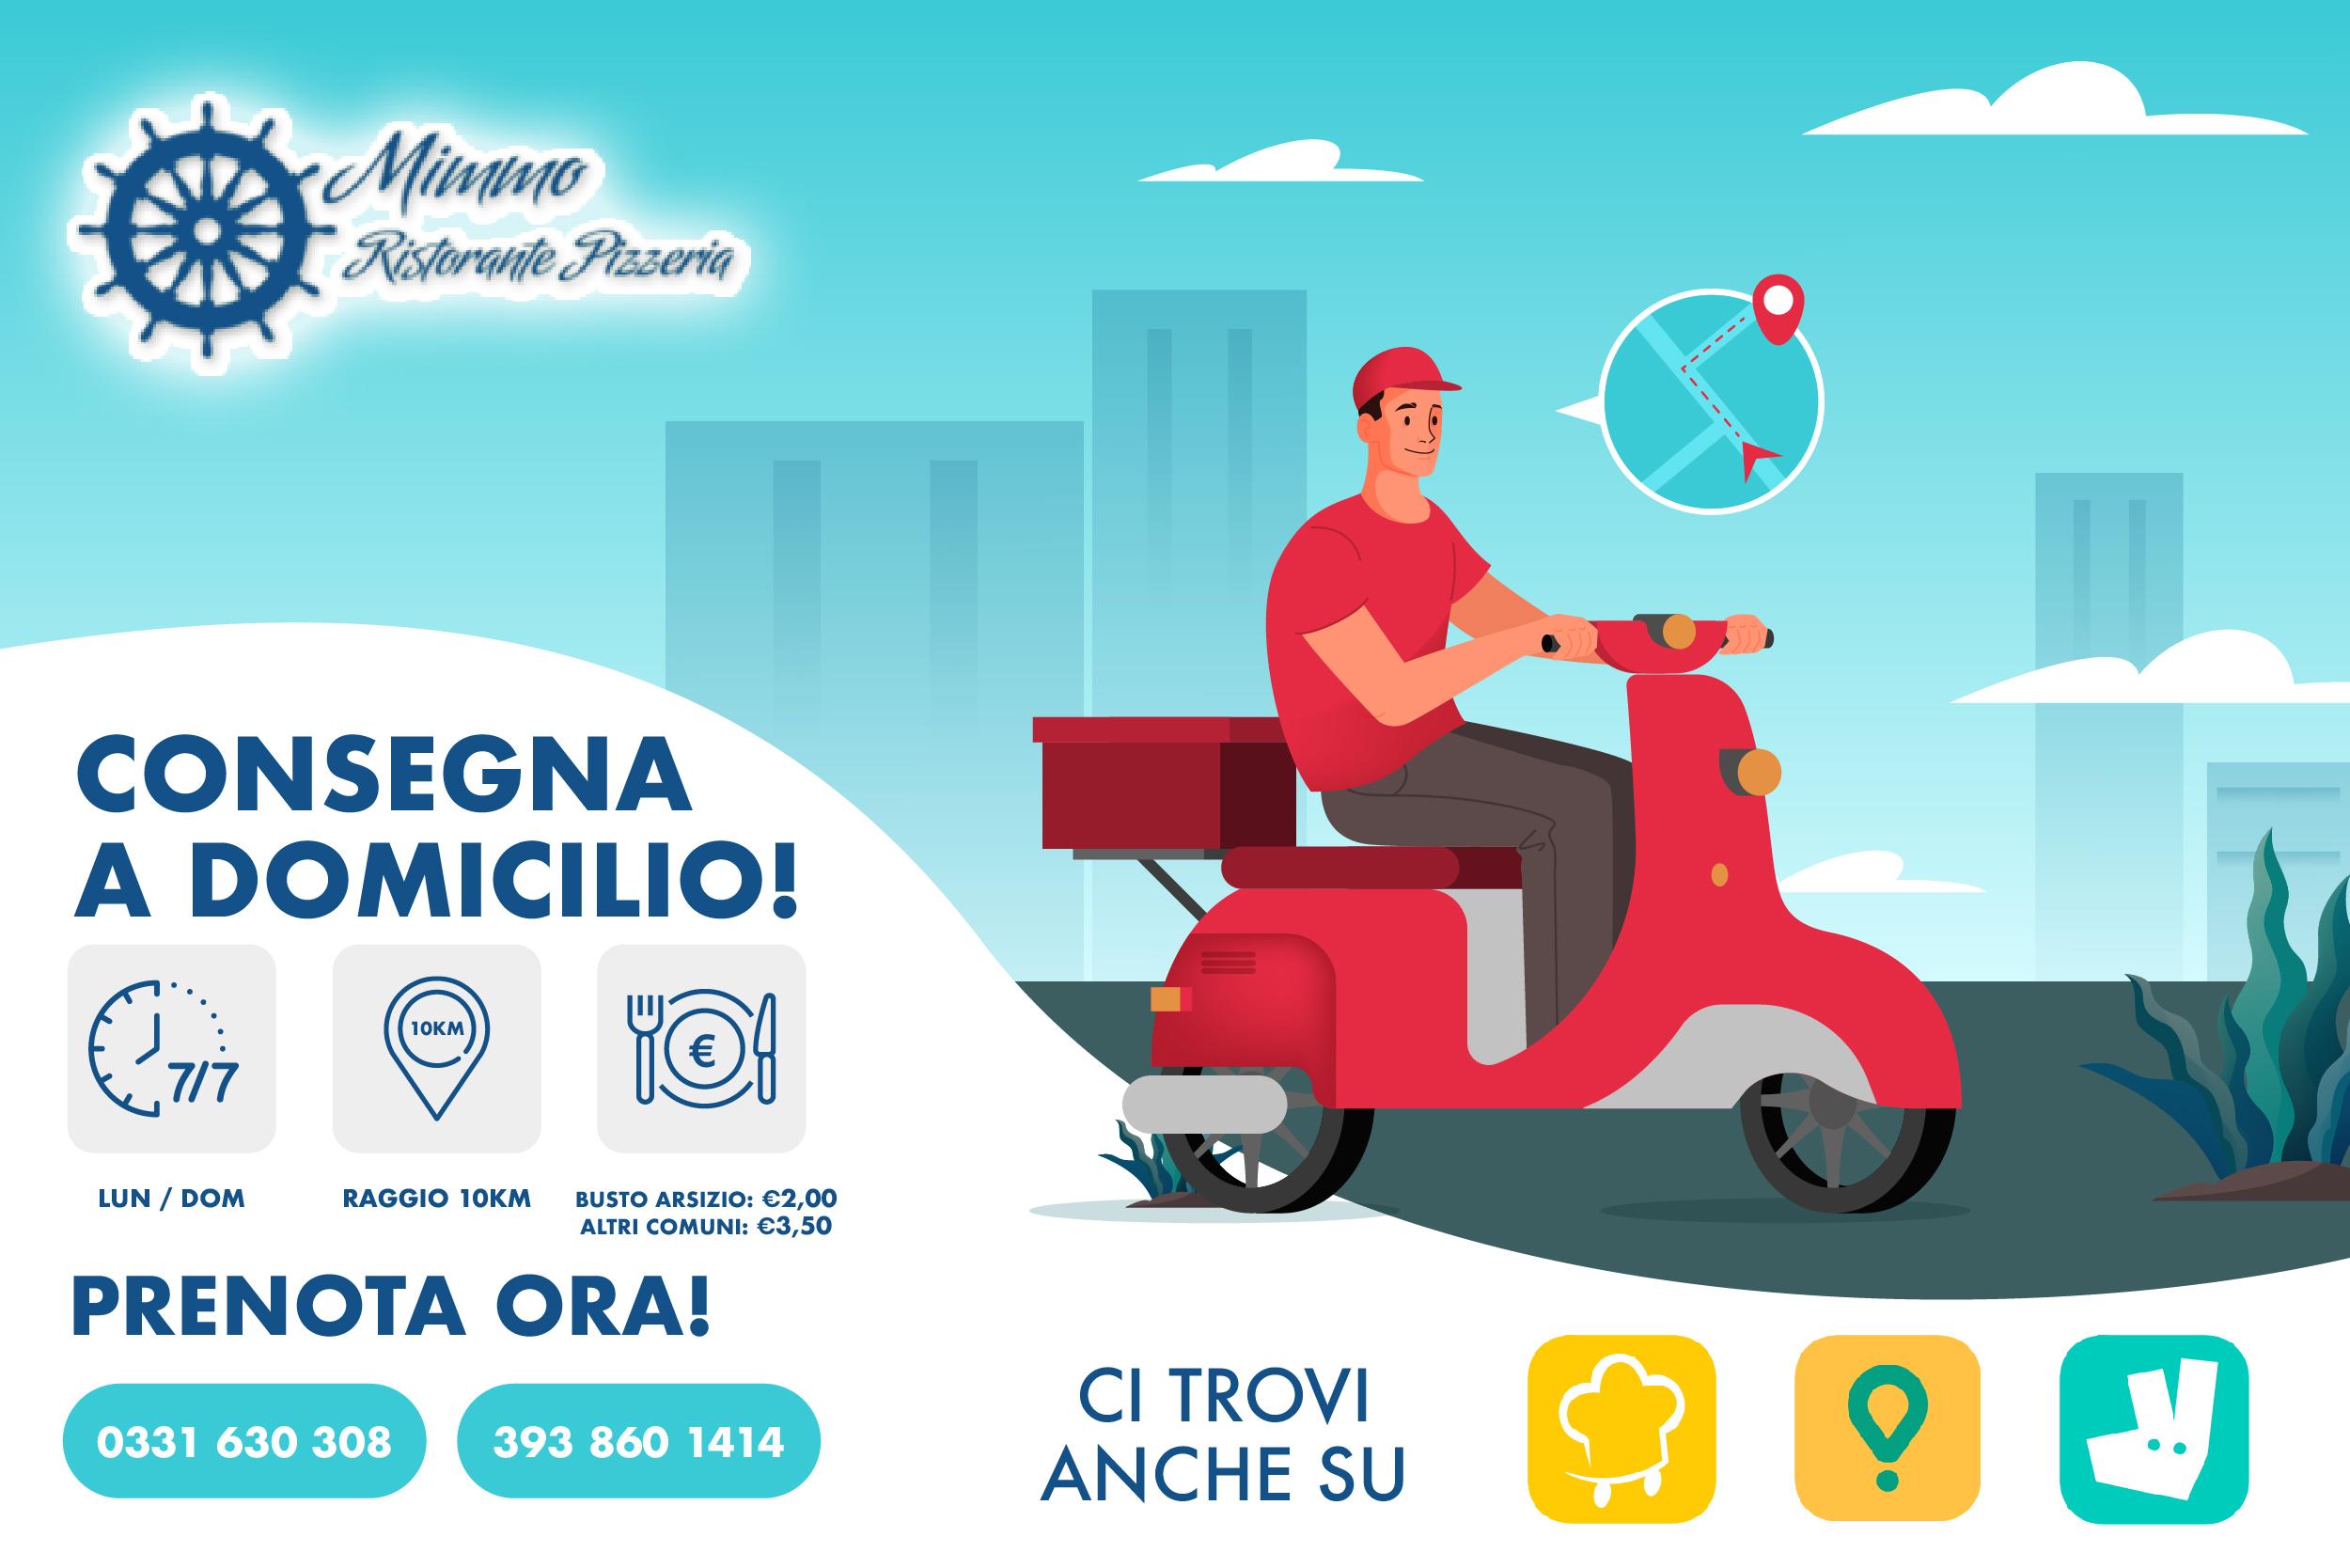 Ristorante Pizzeria Da Mimmo - Consegna a Domicilio